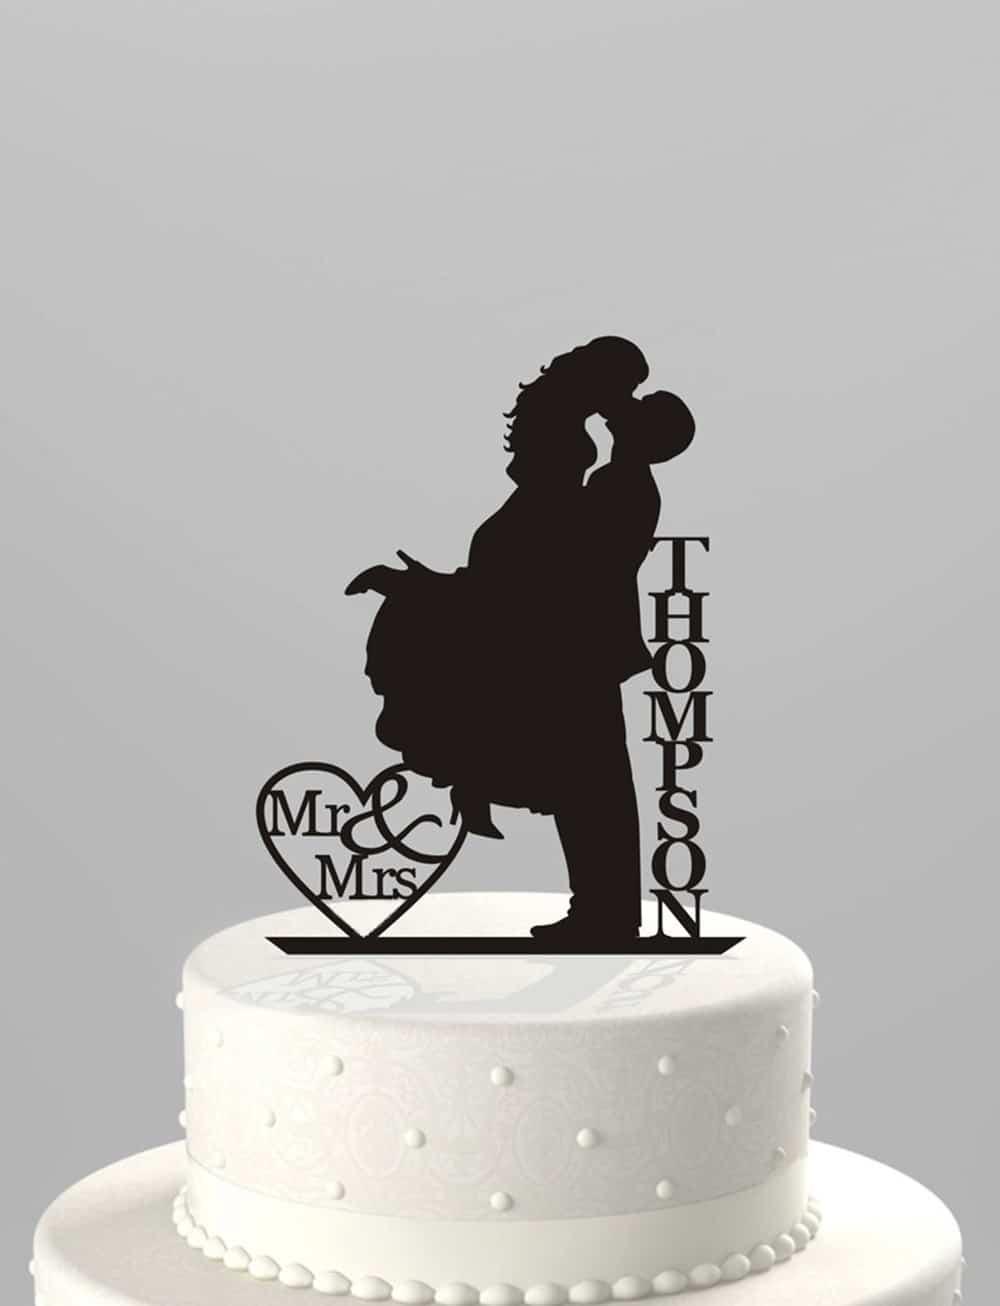 Cake topper per matrimonio con sagome degli sposi e nomi